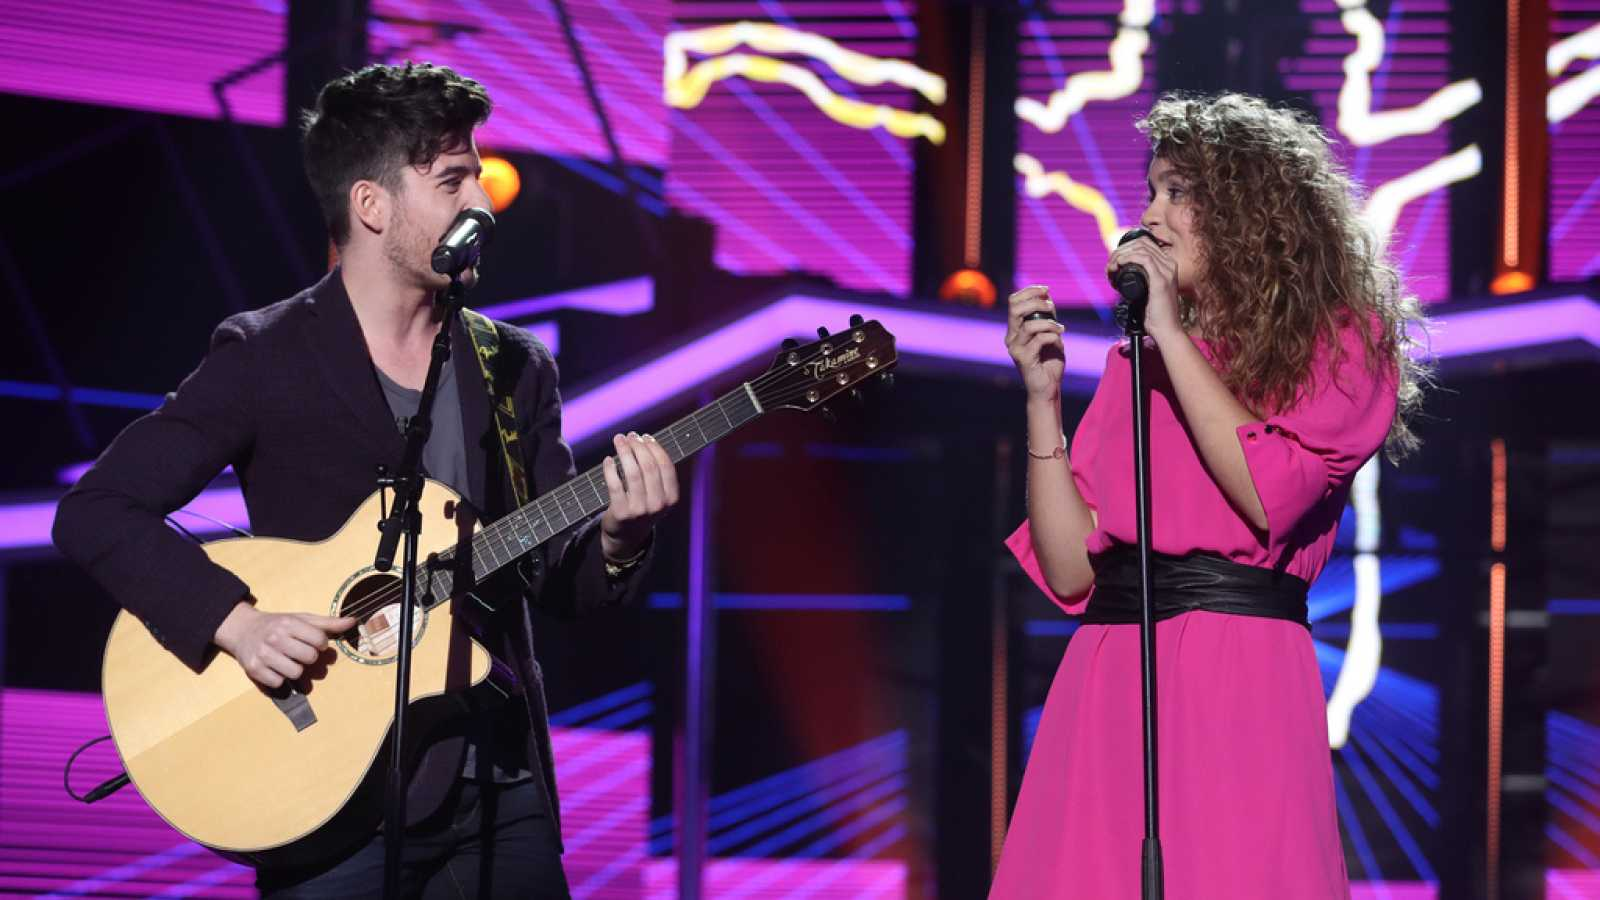 ce1eecbf1a Para todos los públicos Operación Triunfo - Amaia y Roi cantan  Shape of you   en la Gala 5 reproducir video